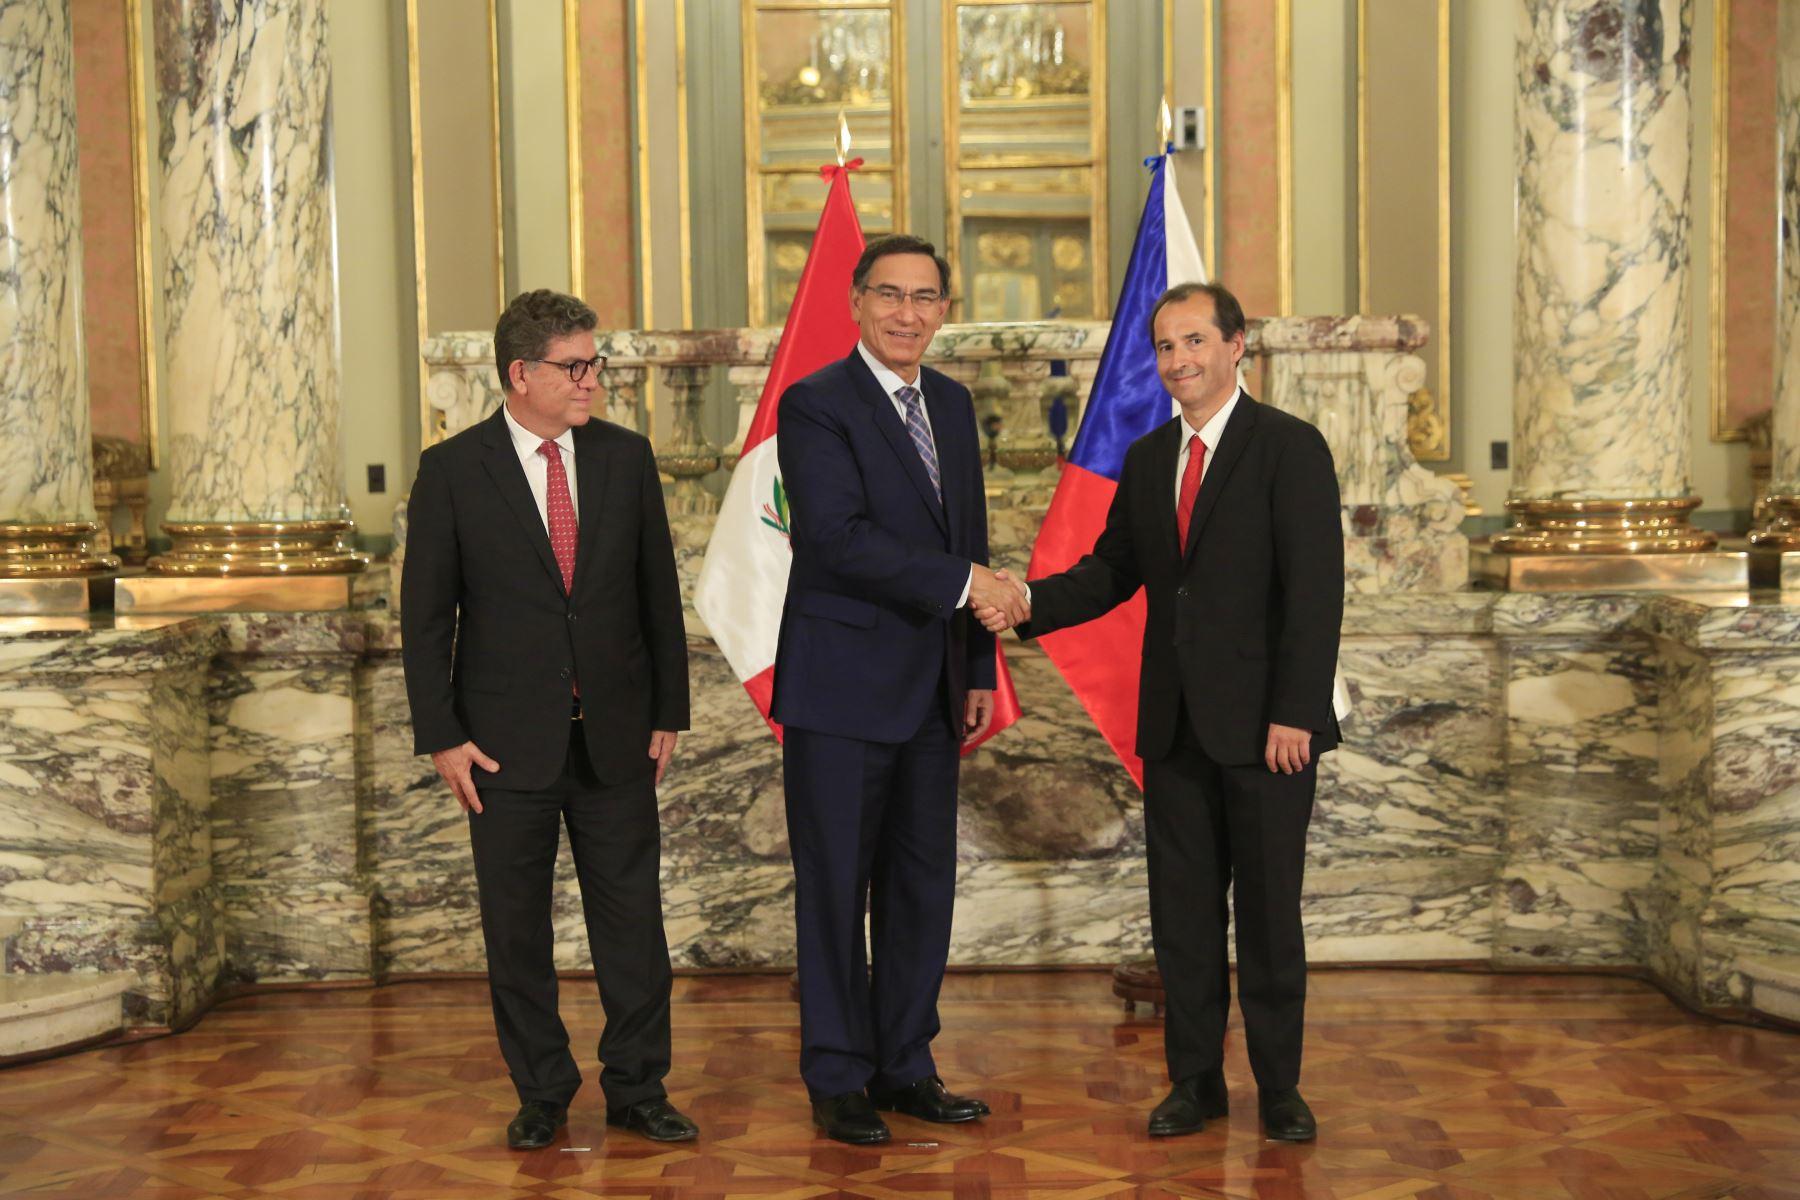 Presidente  Martin Vizcarra recibe carta credencial de nuevo embajador de República Checa, Michal Sedláèek. Foto: ANDINA/Prensa Presidencia